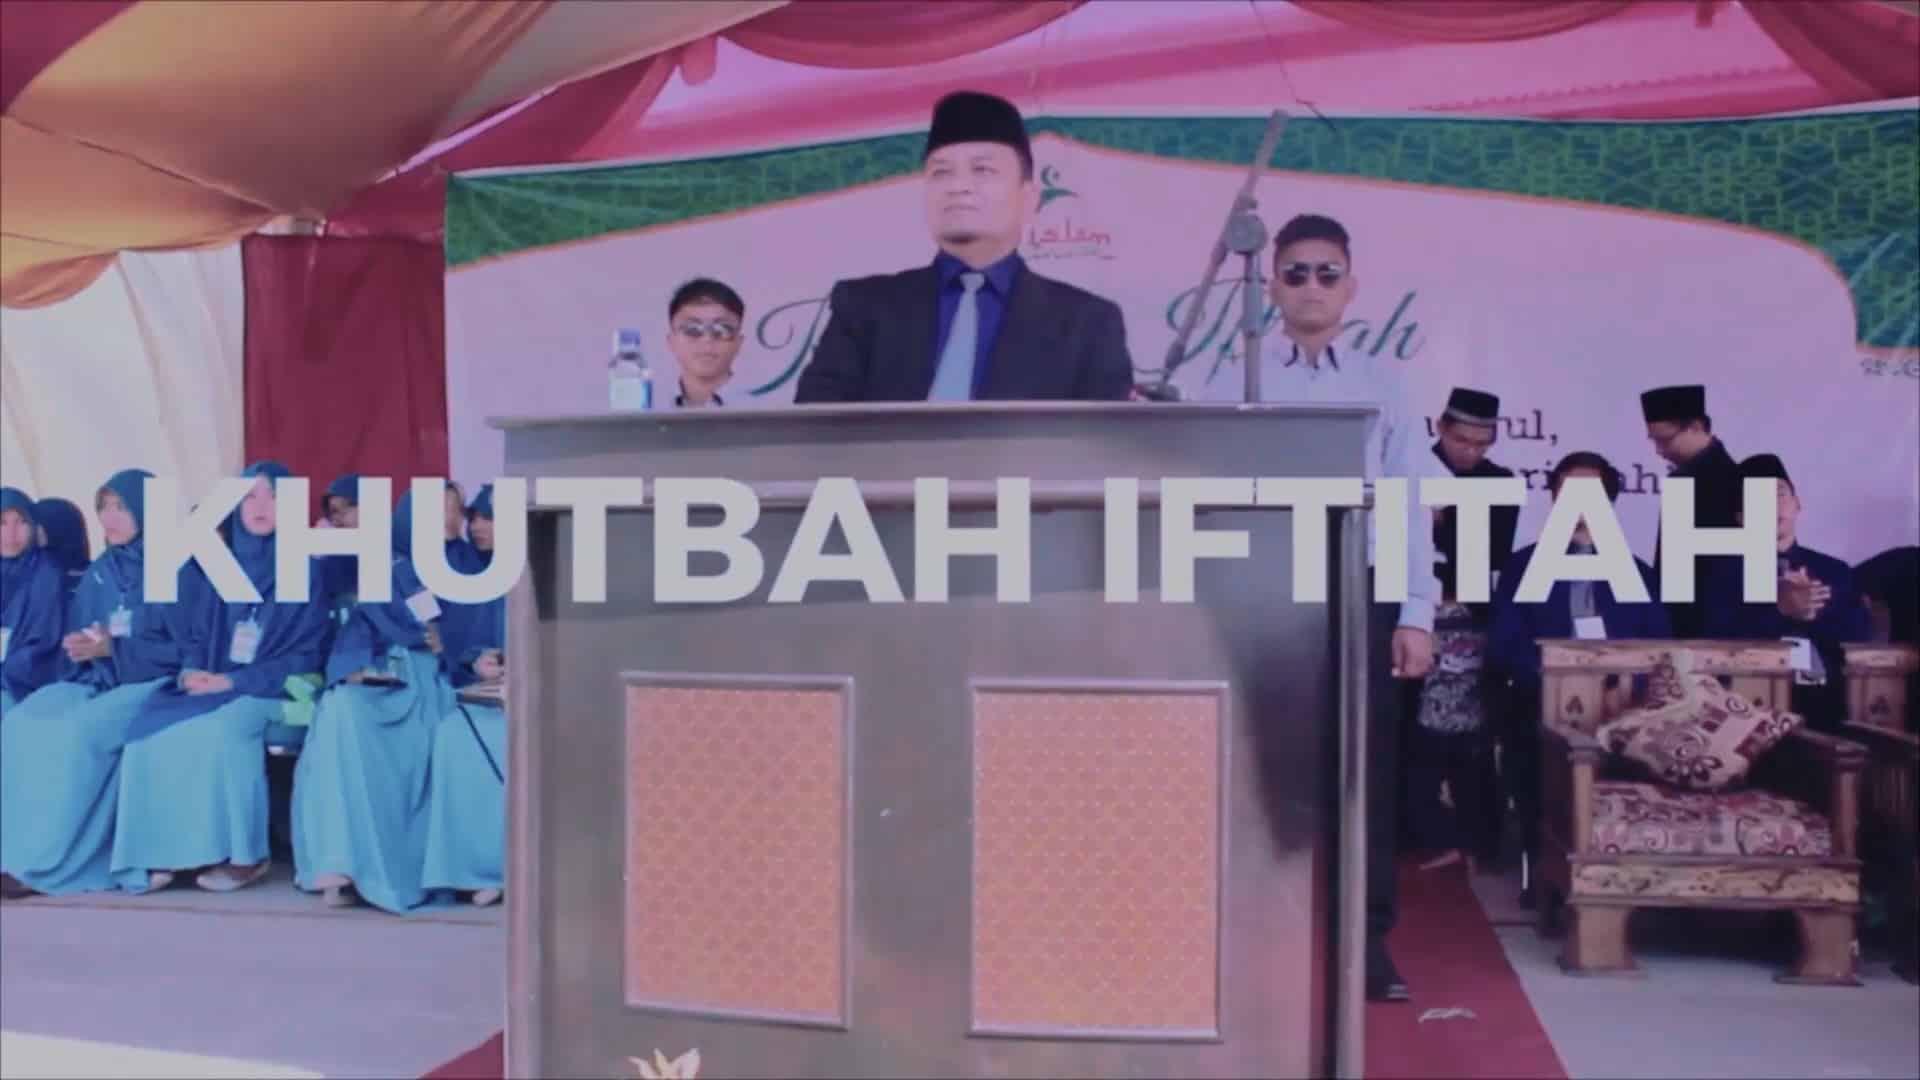 02. KHUTBAH IFTITAH